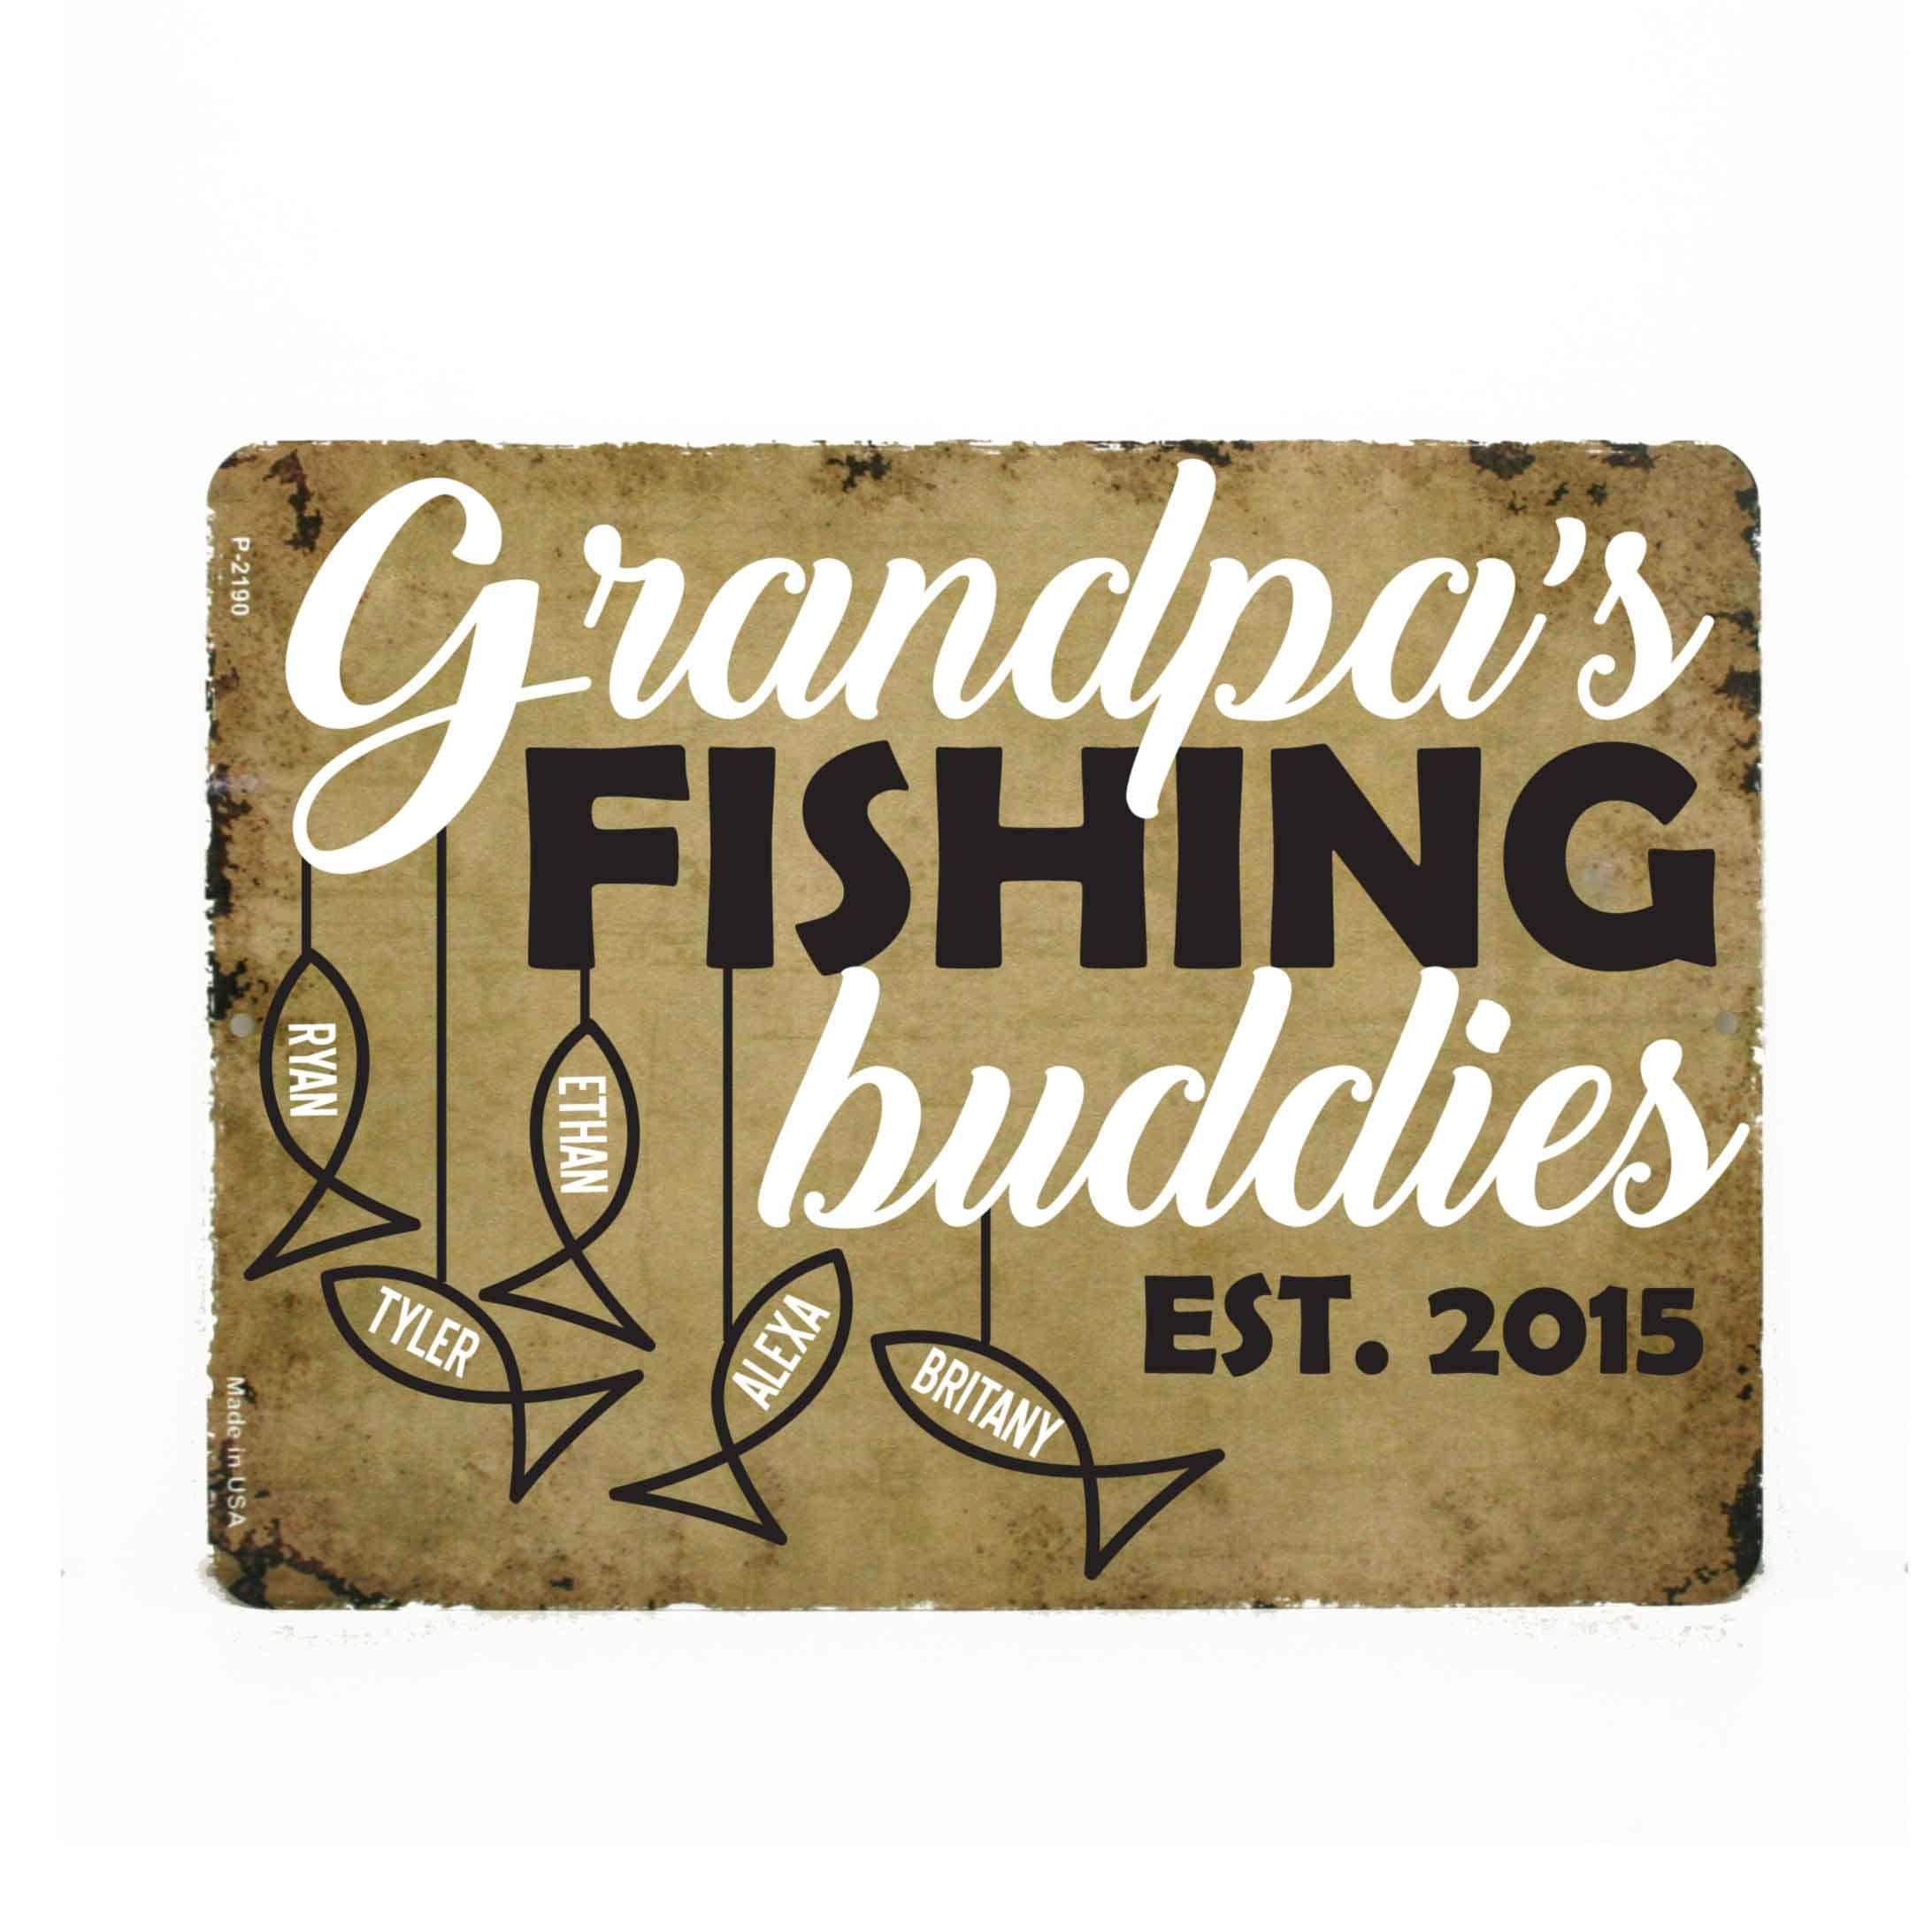 Grandpa Fishing Buddies Hanging Sign, Grandpa Personalized Birthday Gift, Grandchildren Names Custom Sign, New Grandpa Gift from Grandkids #grandpagifts